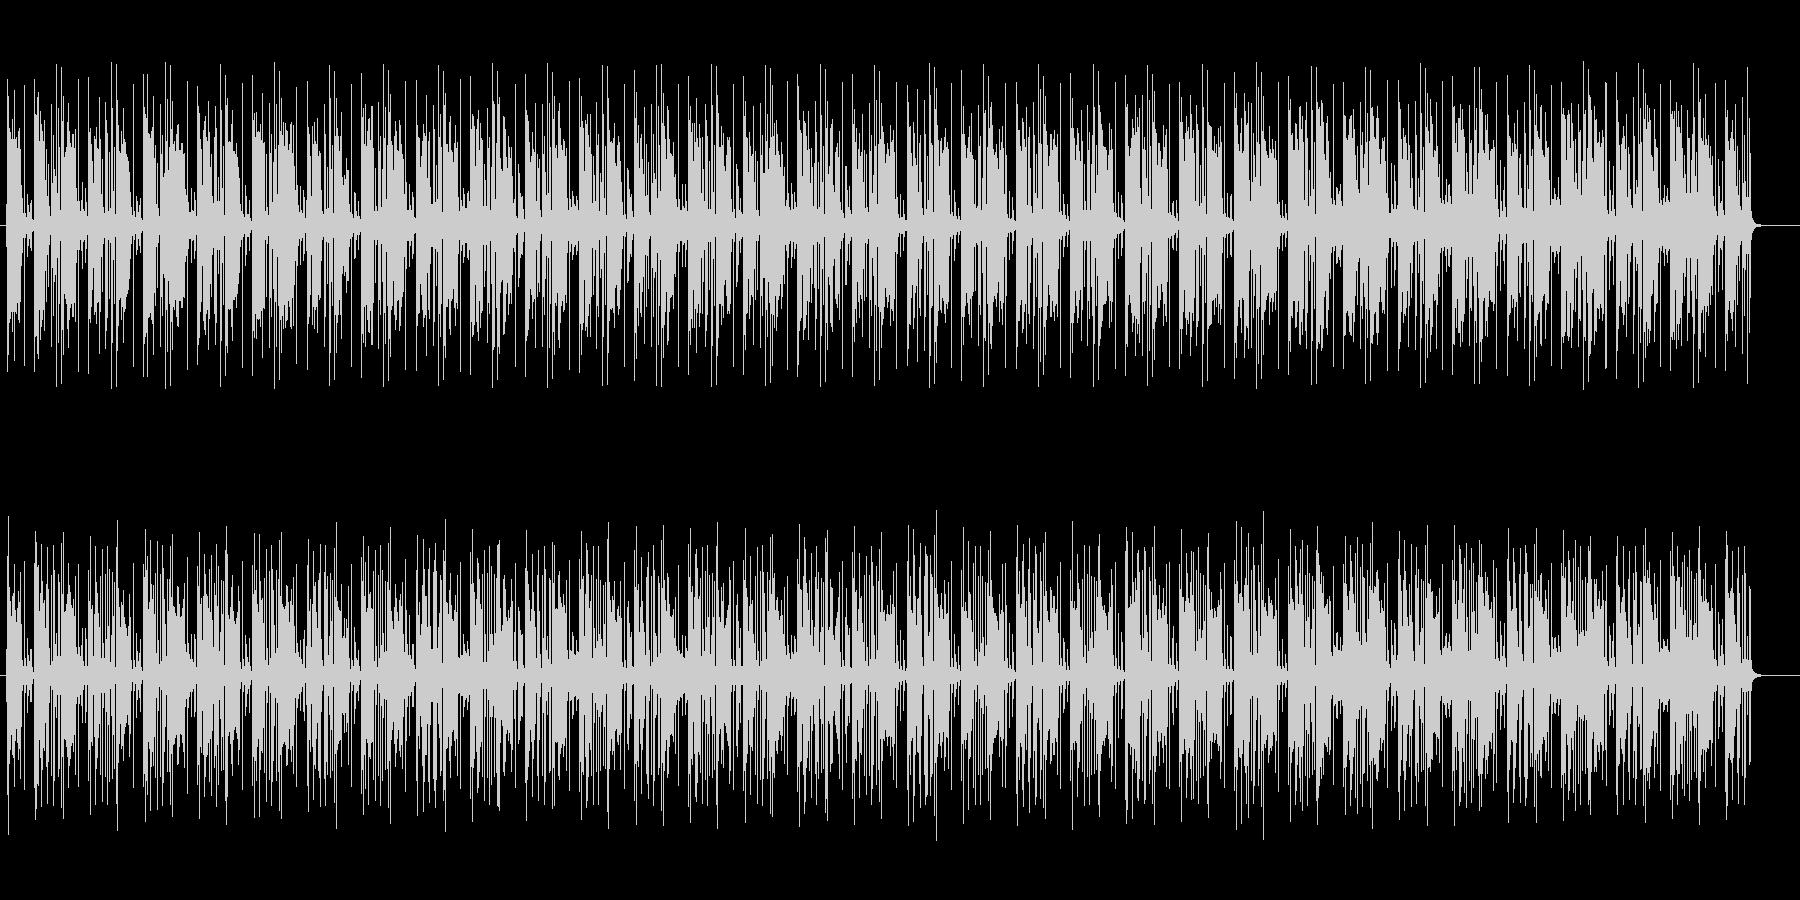 疾走感のある近未来的なミュージックの未再生の波形